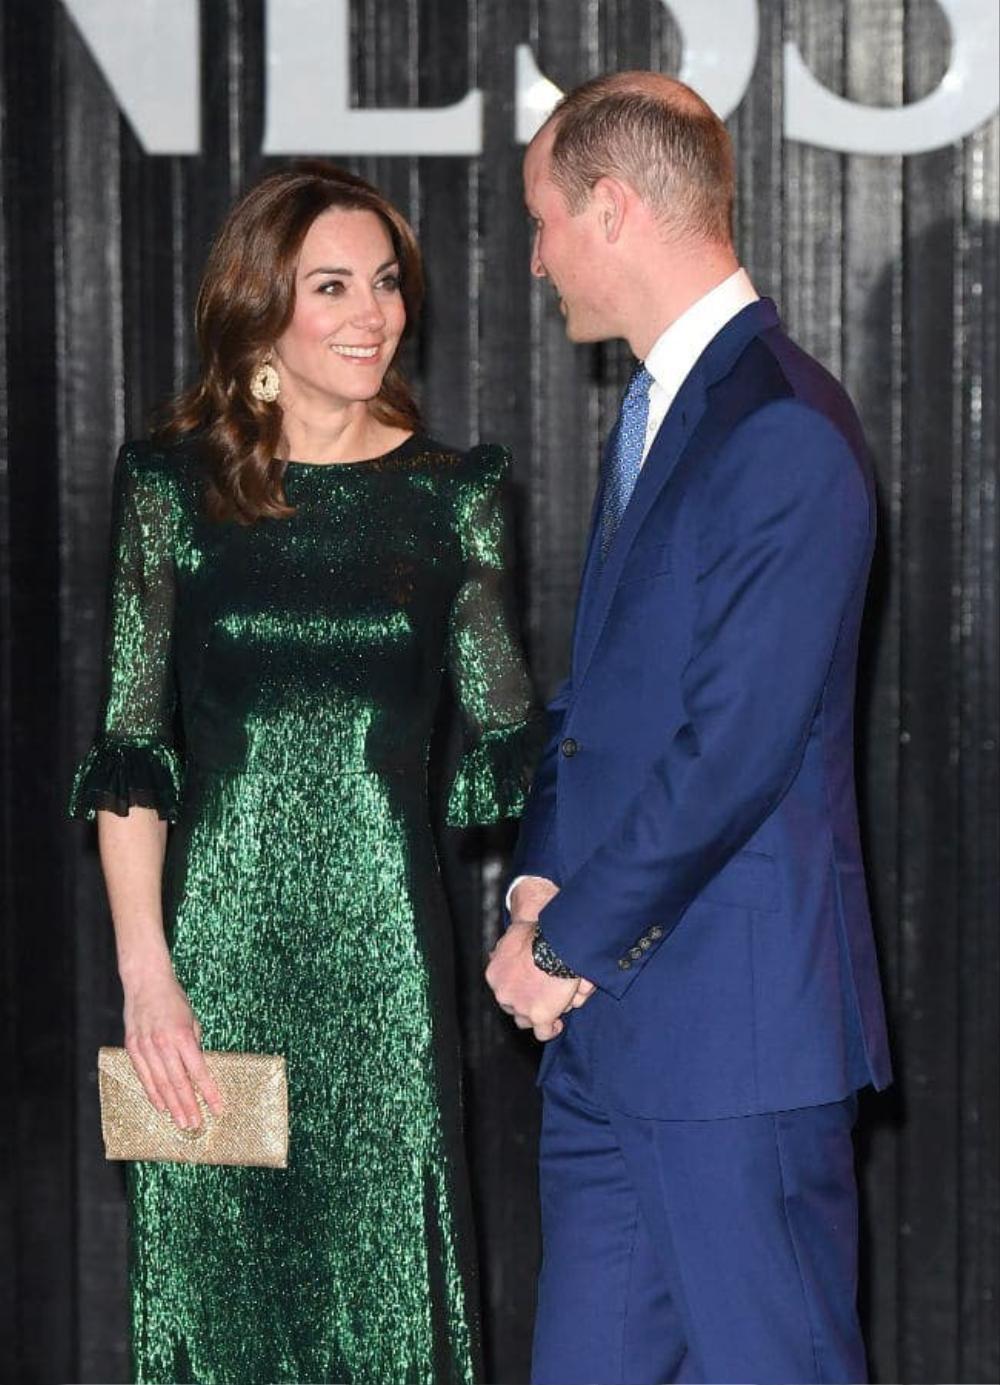 Bí ẩn tủ đồ Hoàng gia: Tại sao Kate Middleton thích mặc màu xanh lá cây? Ảnh 7